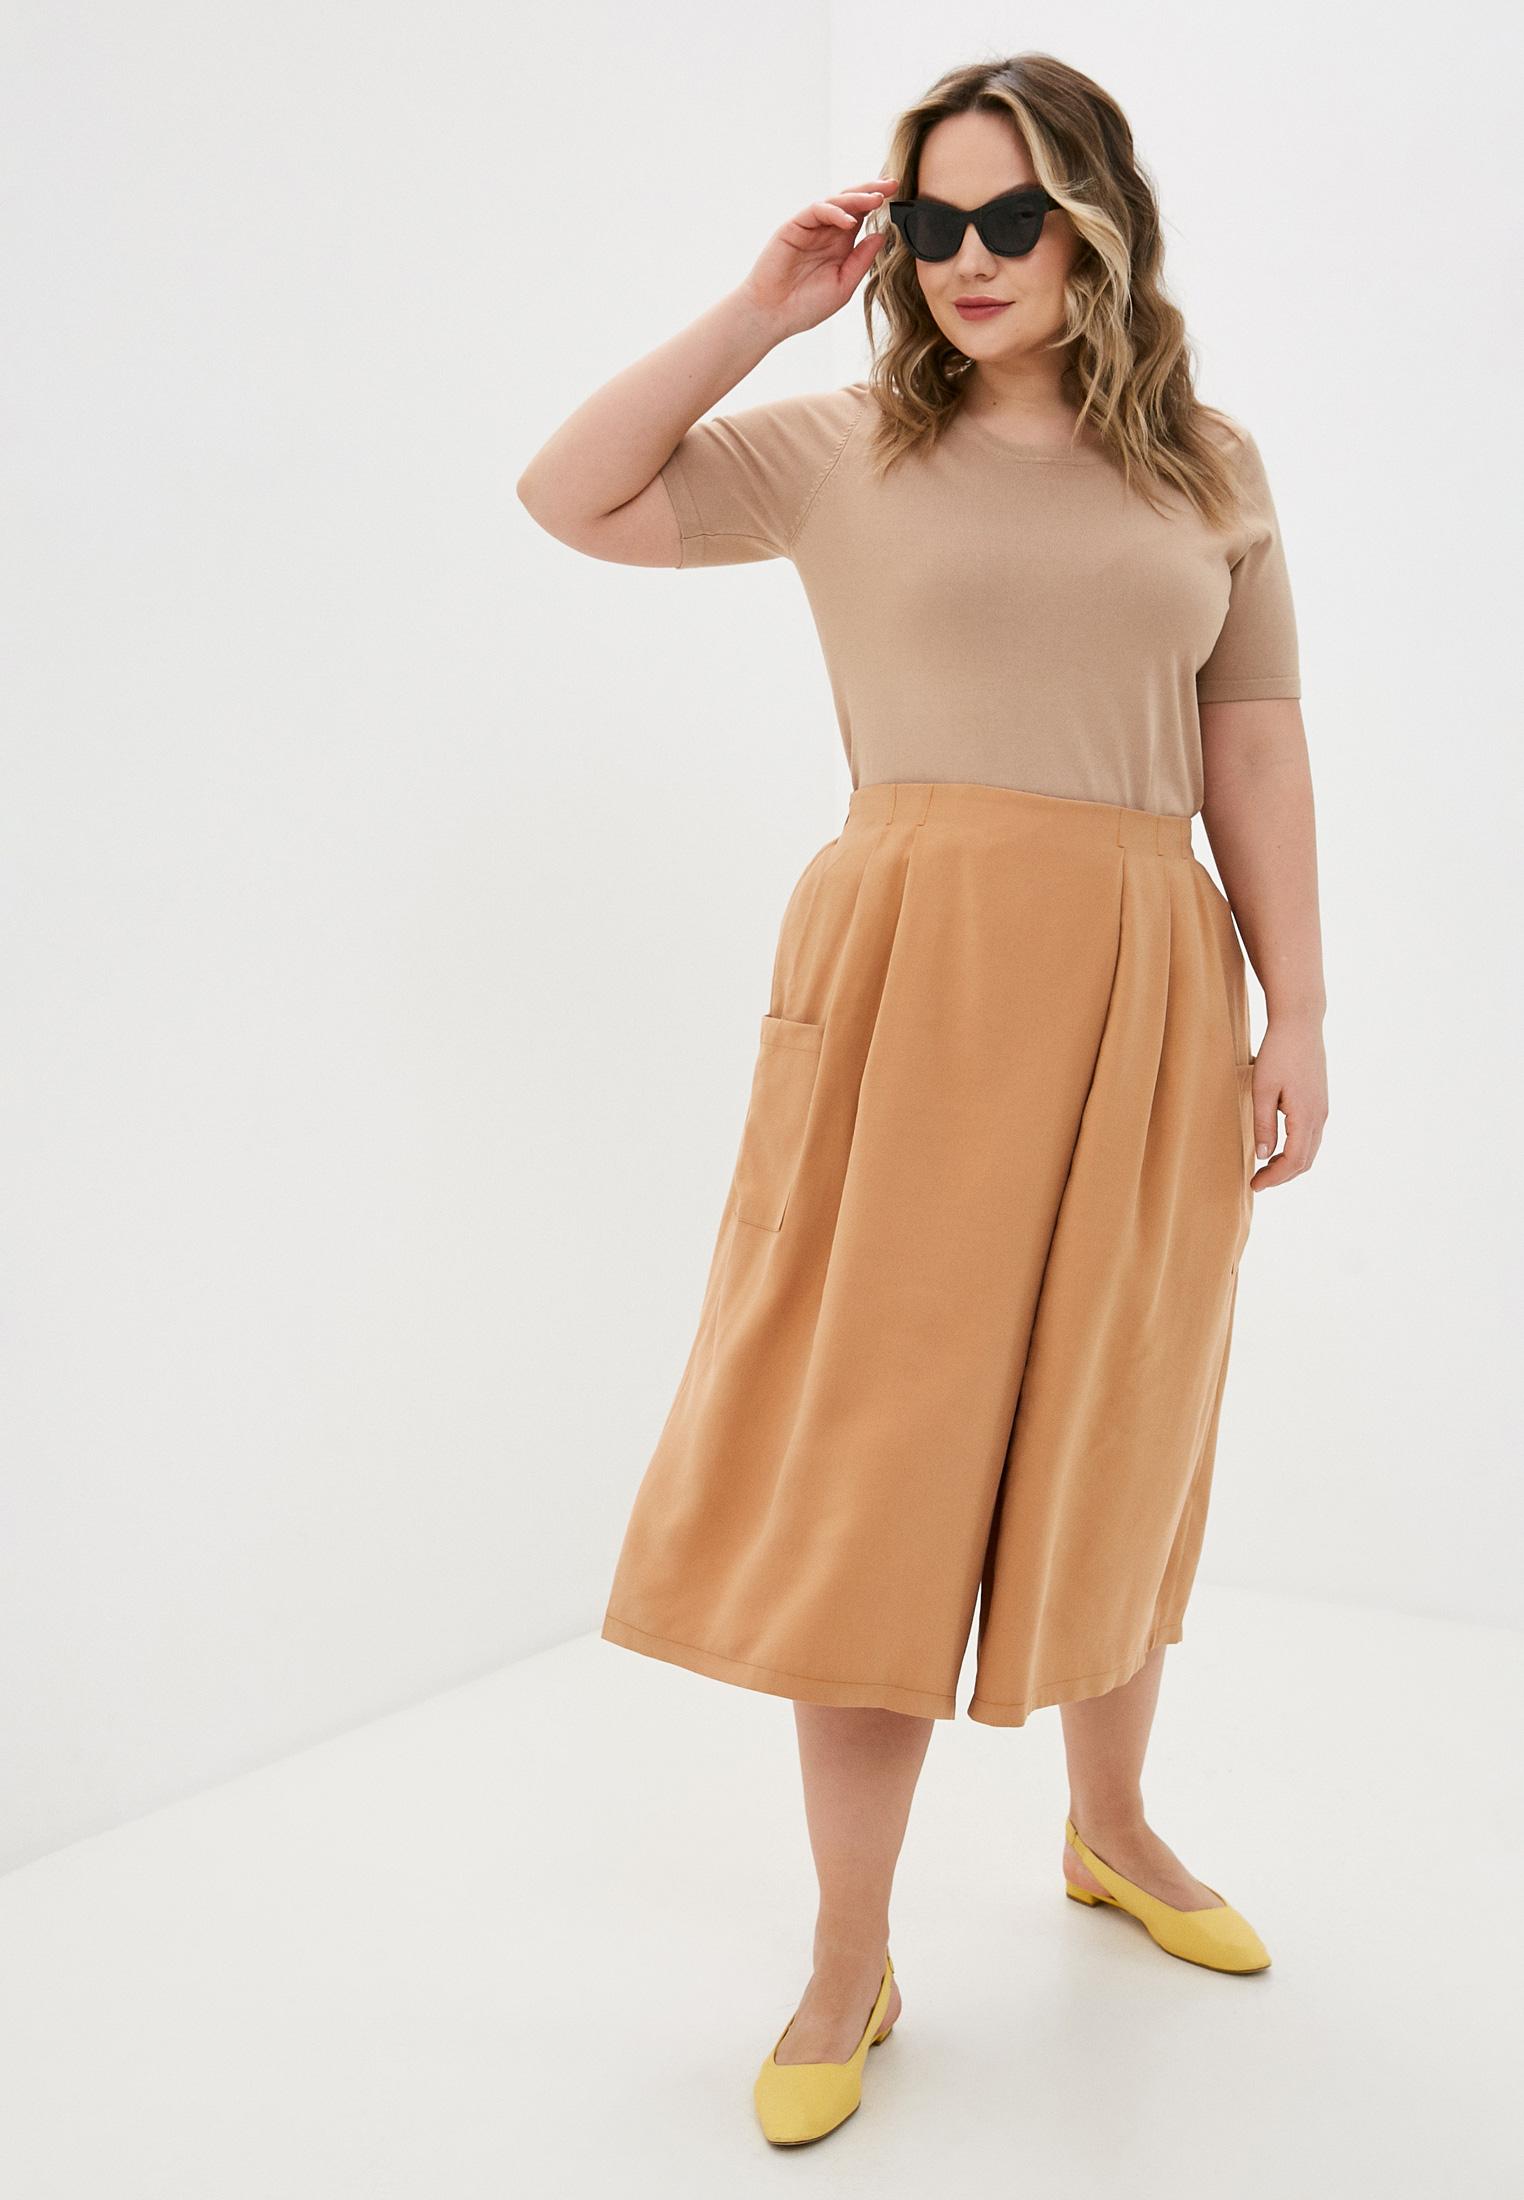 Женские широкие и расклешенные брюки Nataliy Beate Брюки мод.403: изображение 2